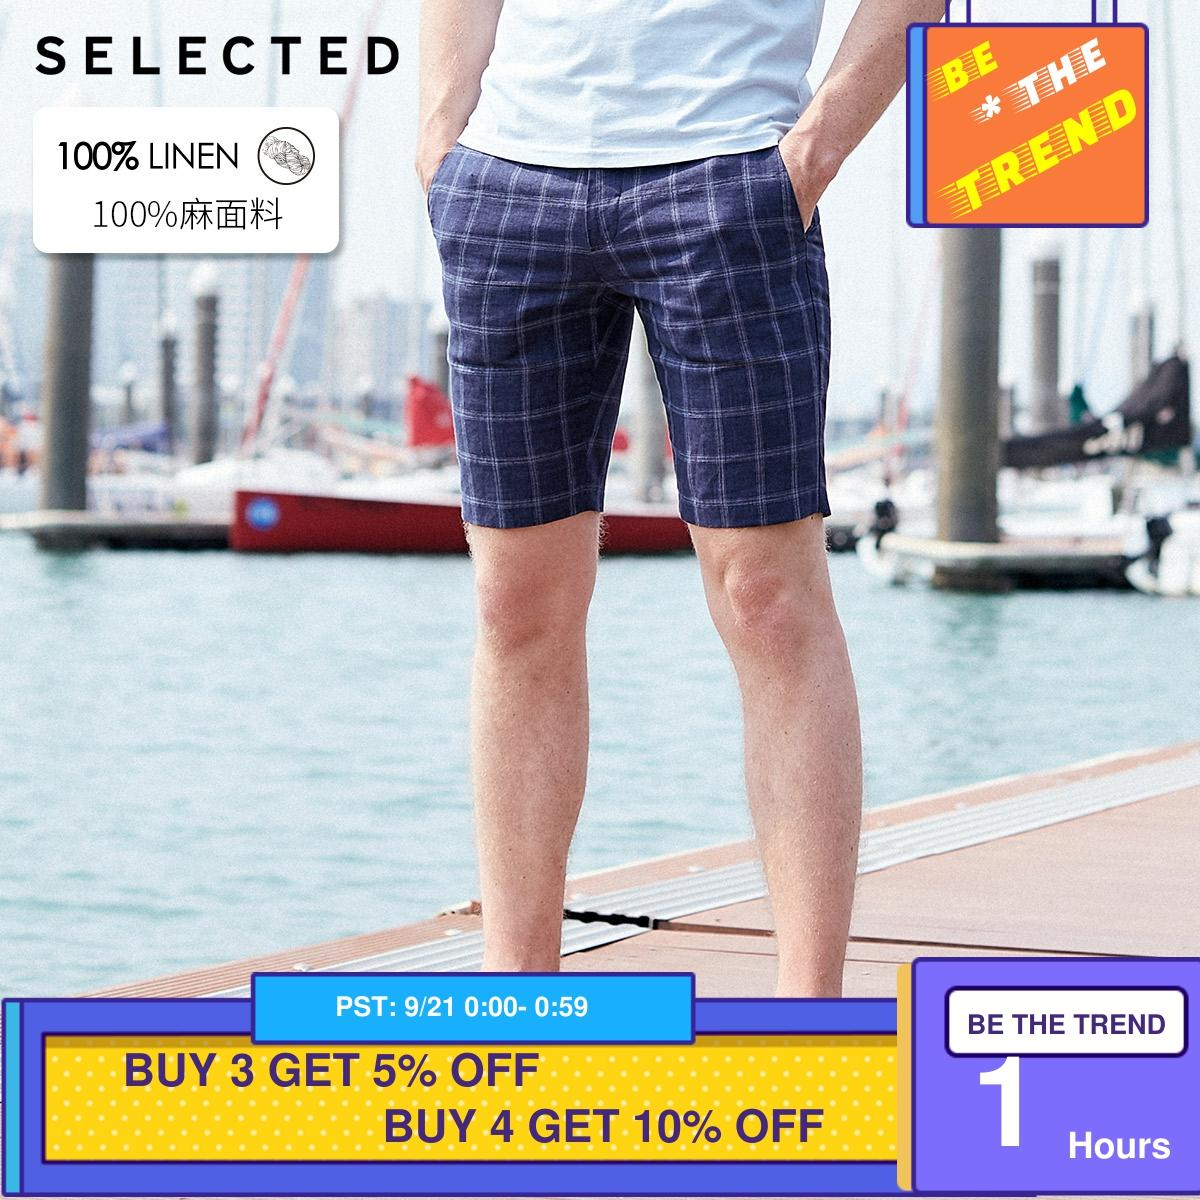 Pantalones cortos a la altura de la rodilla de tela escocesa de lino ajustados para hombres seleccionados S   4192SN504